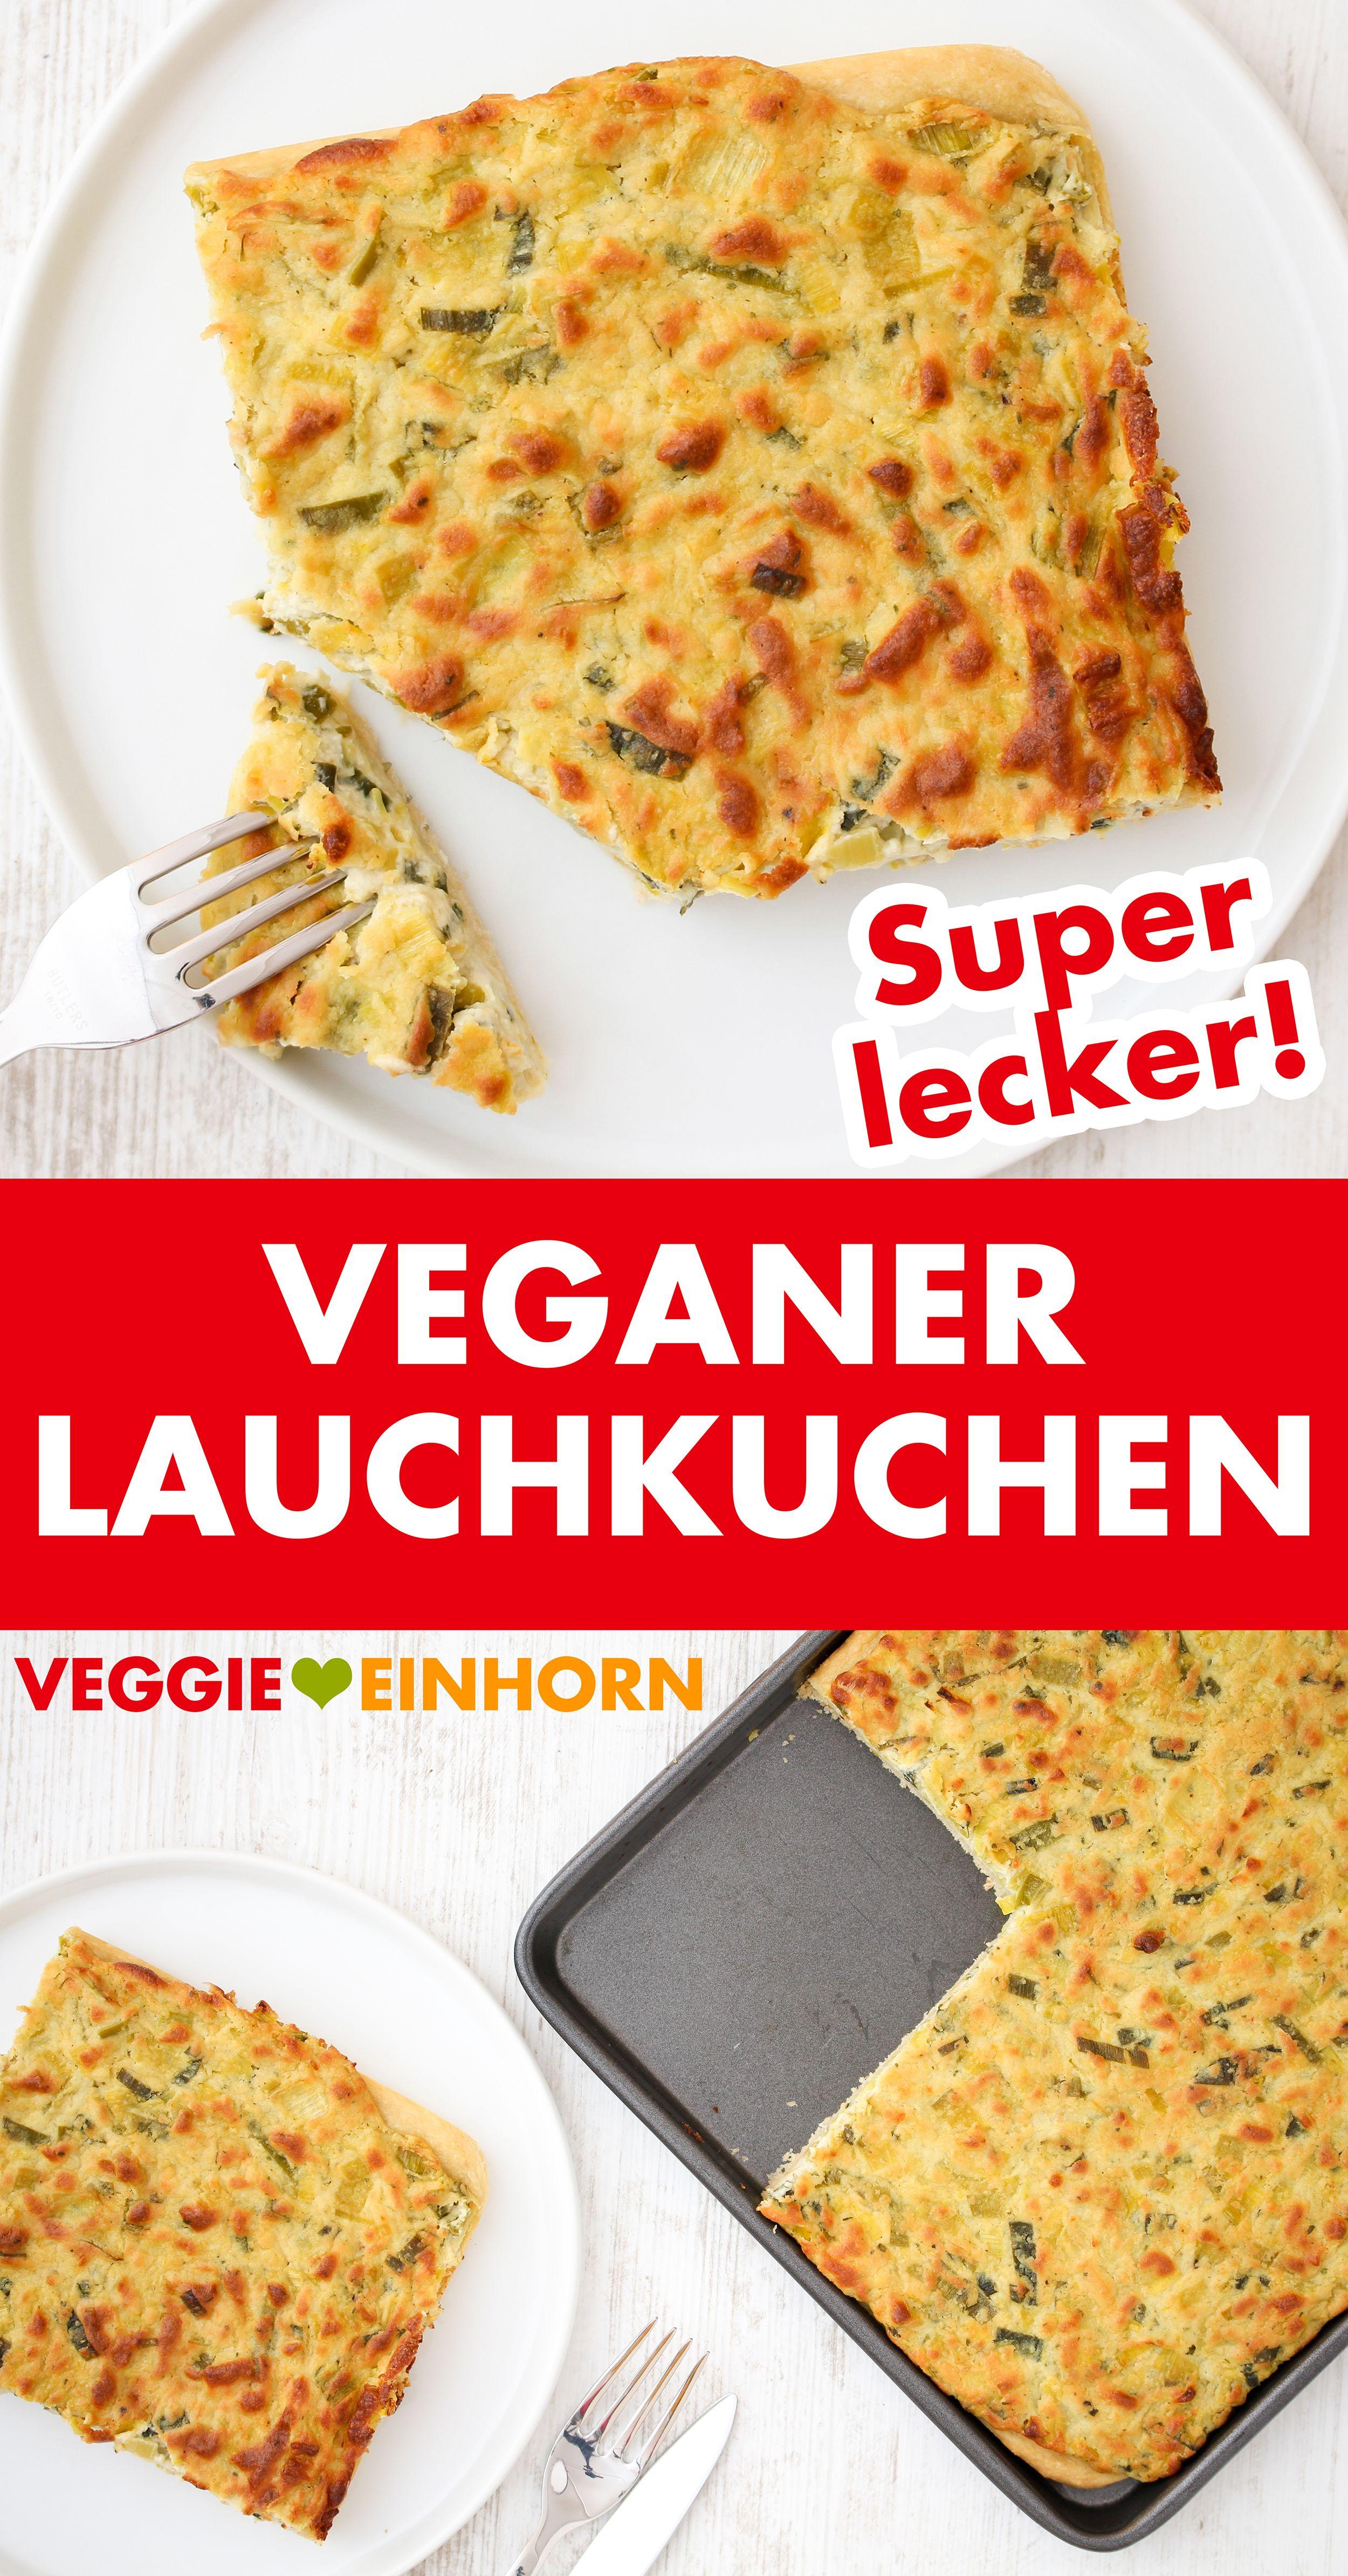 Photo of Vegan leek cake ▶ Simple vegan recipe